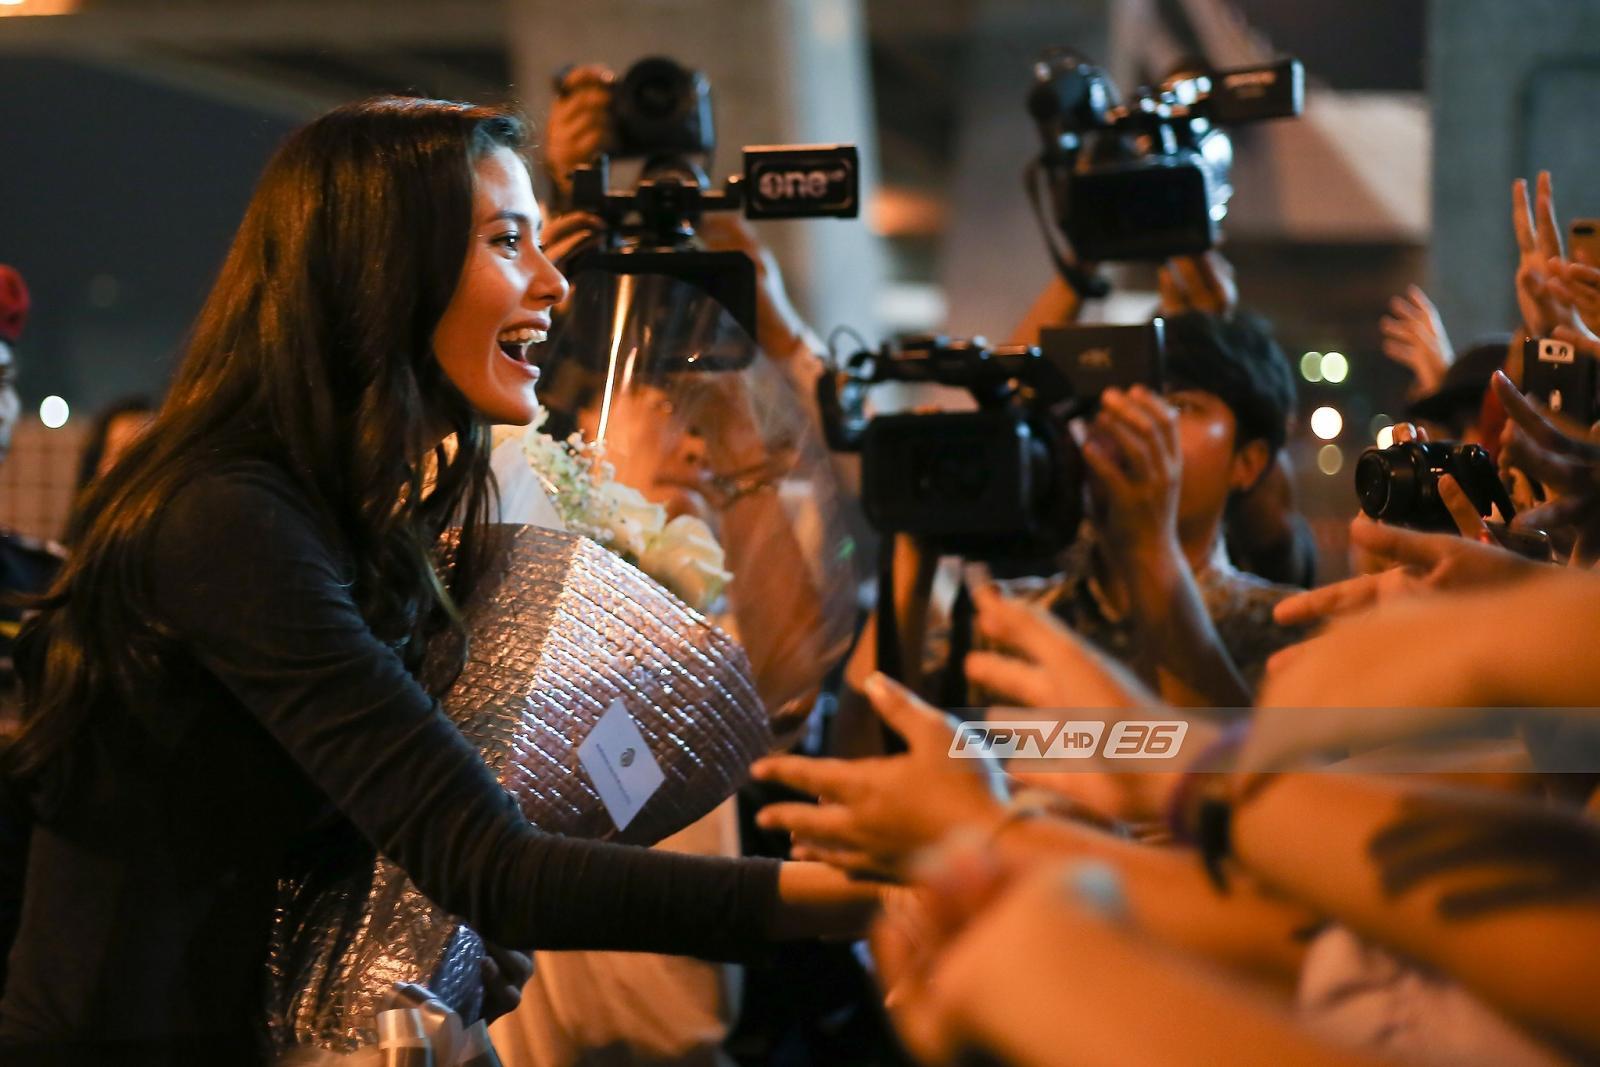 """แฟนคลับแห่ต้อนรับ """"มารีญา"""" กลับไทยหลังติดท็อป 5 มิสยูนิเวิร์ส 2017"""